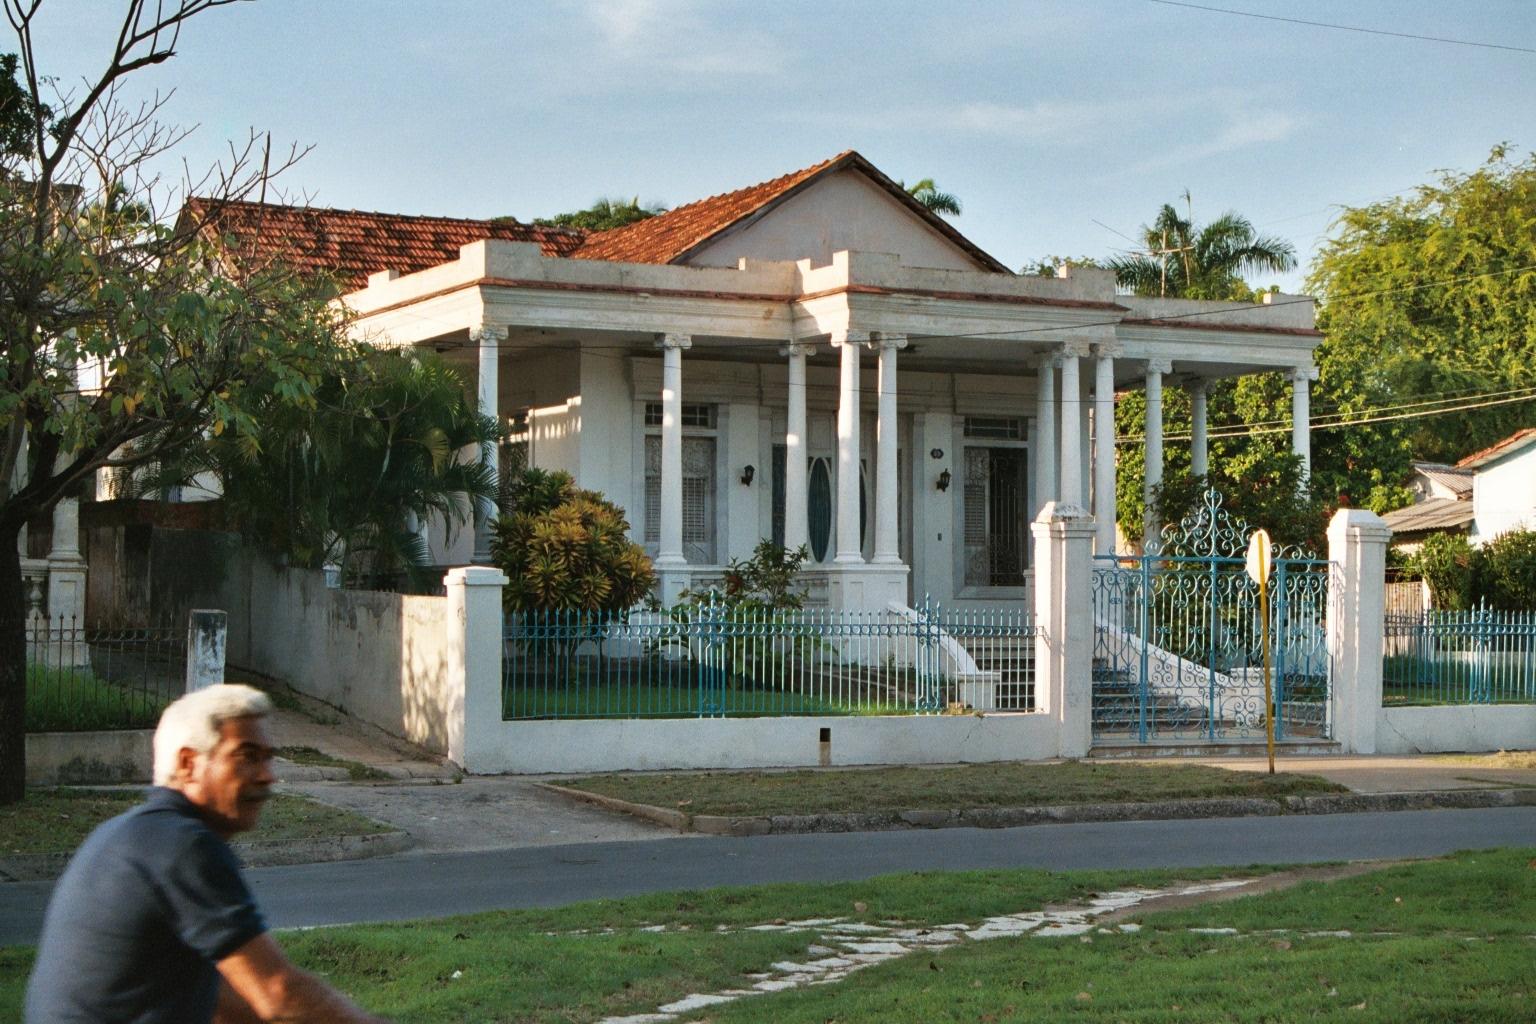 Chuchi 39 s homepage cuba 2002 maison coloniale - Plan de maison coloniale ...